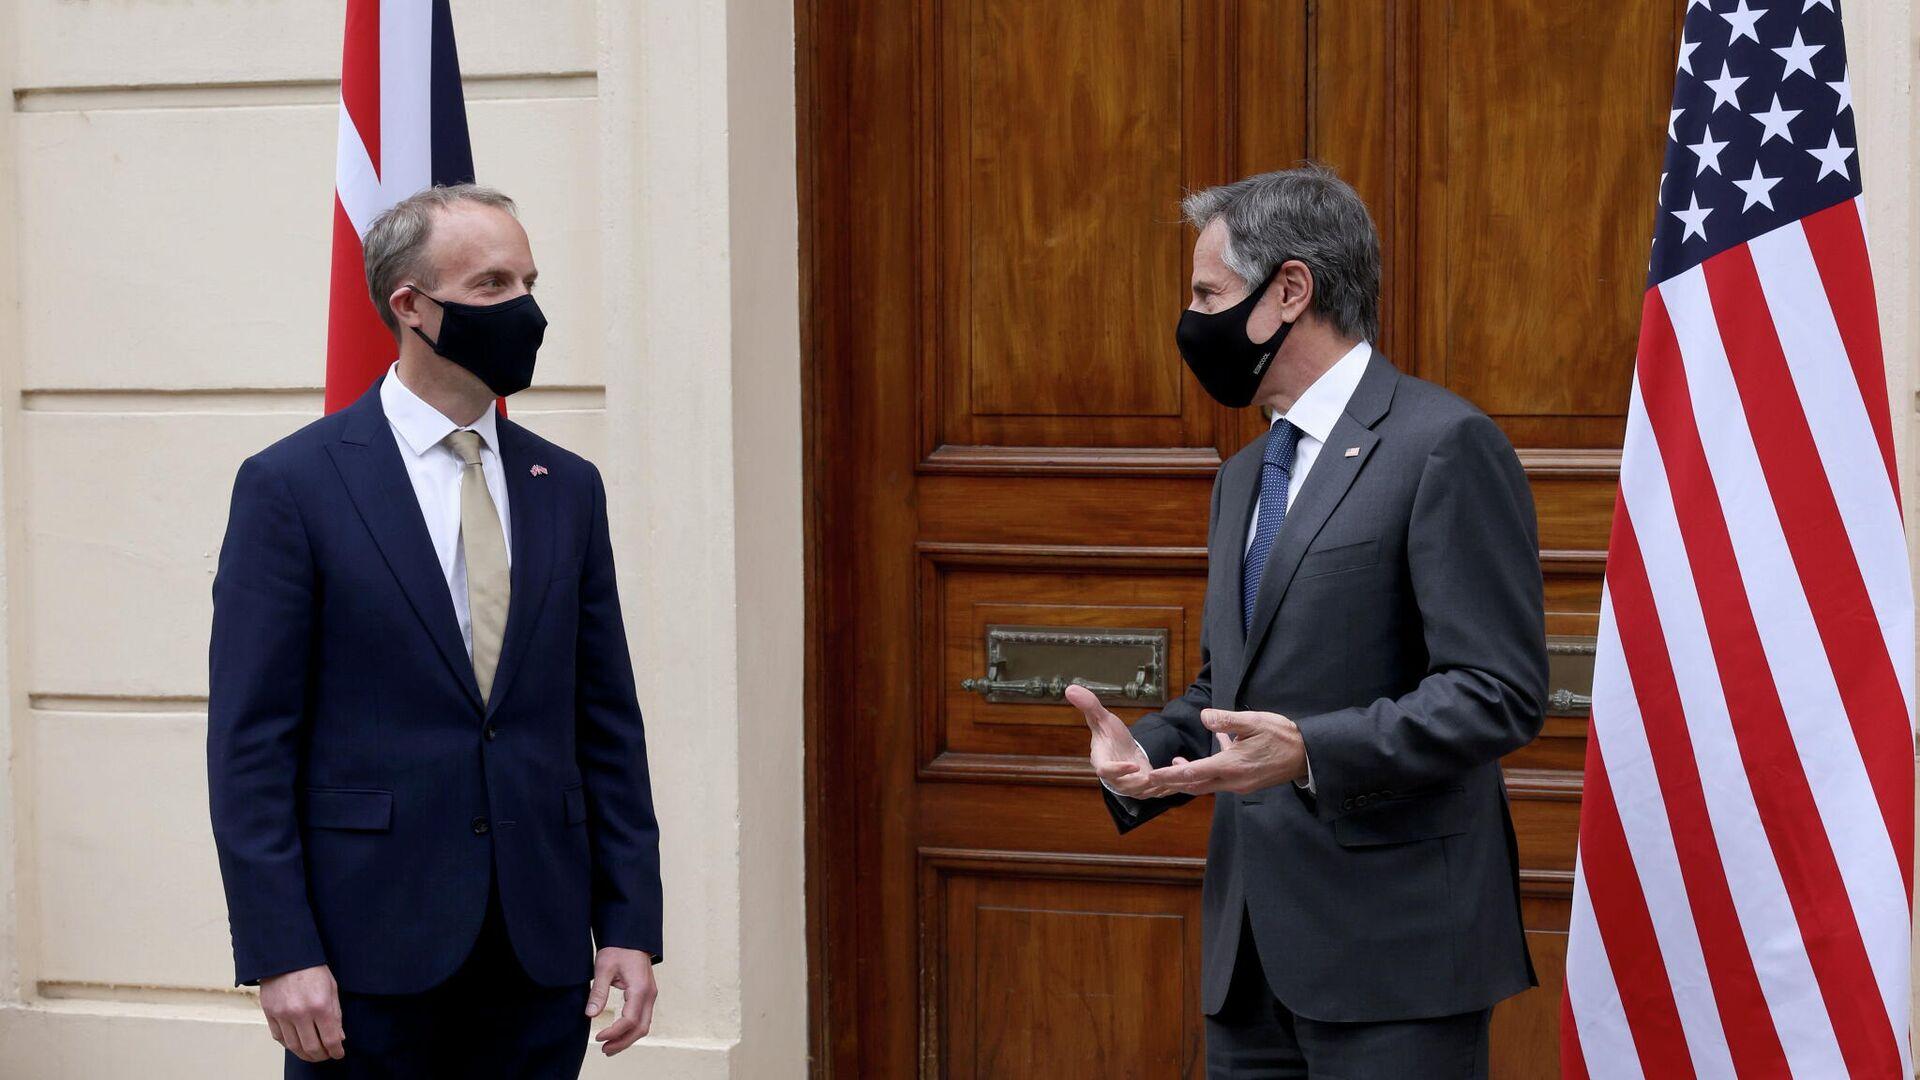 El secretario de Relaciones Exteriores de Reino Unido, Dominic Raab, con el secretario de Estado (canciller) de Estados Unidos, Antony Blinken - Sputnik Mundo, 1920, 03.05.2021